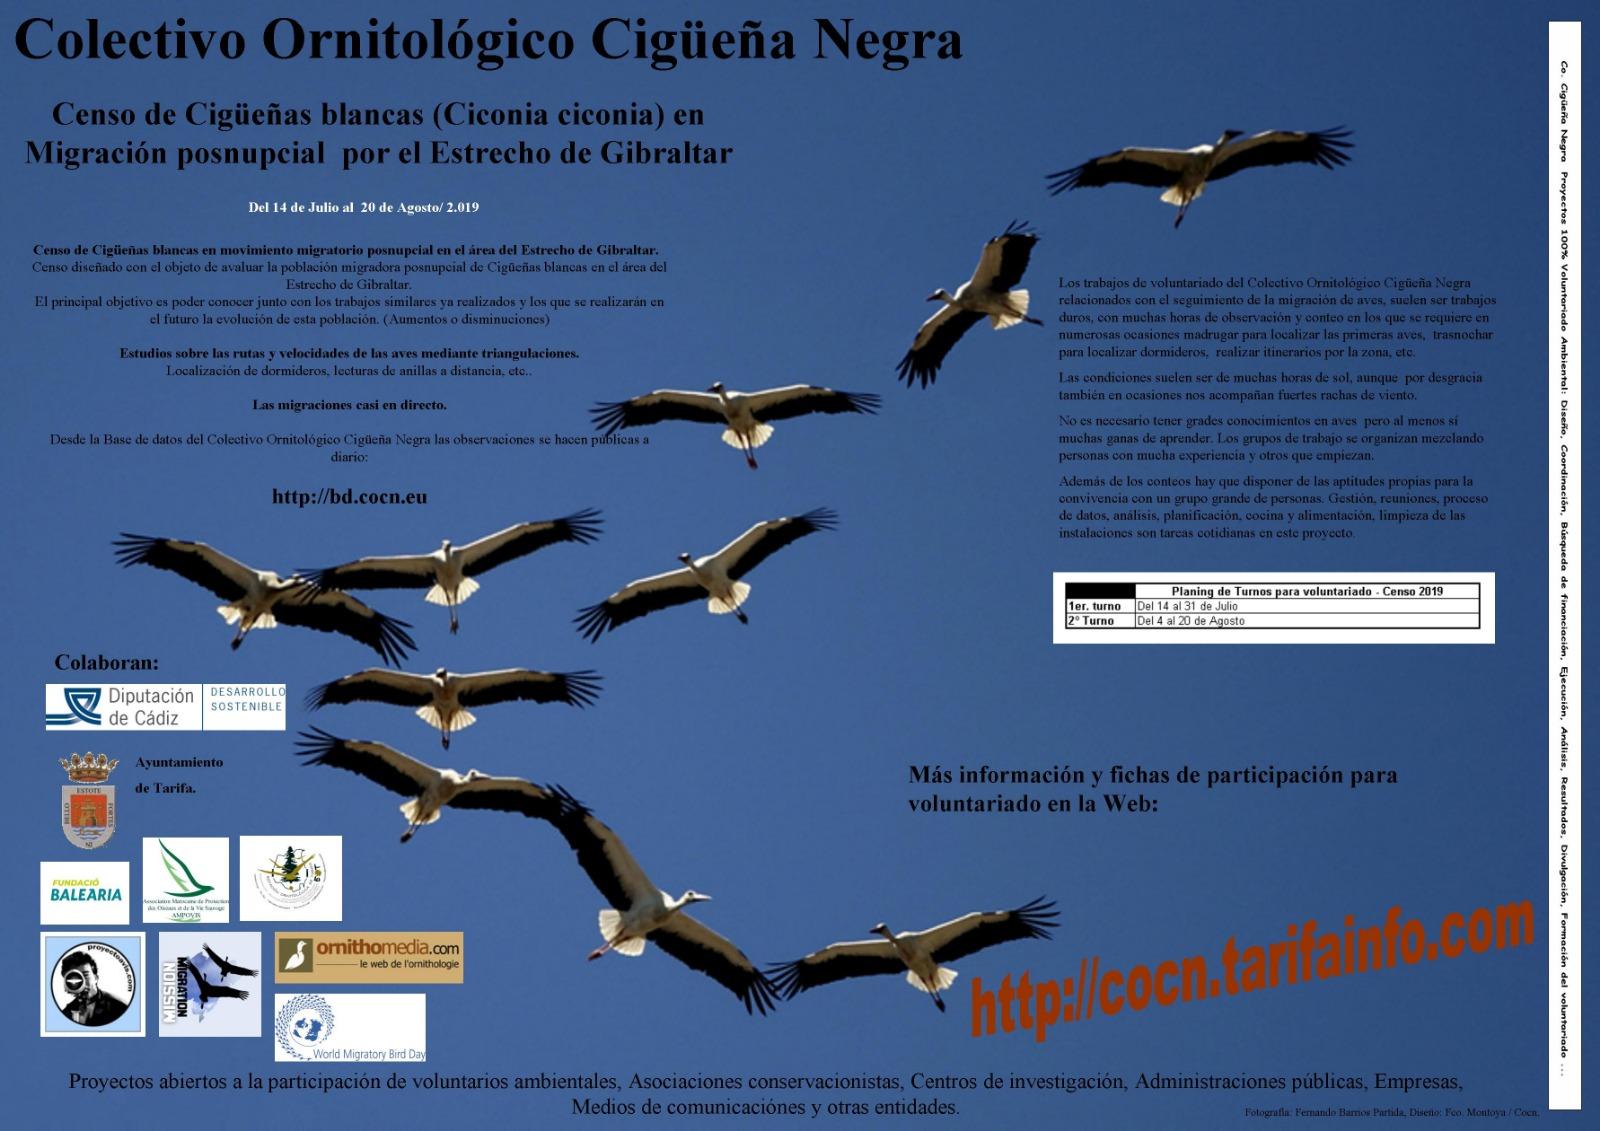 Cartel de Censo de cigüeñas blancas en migración postnupcial de COCN